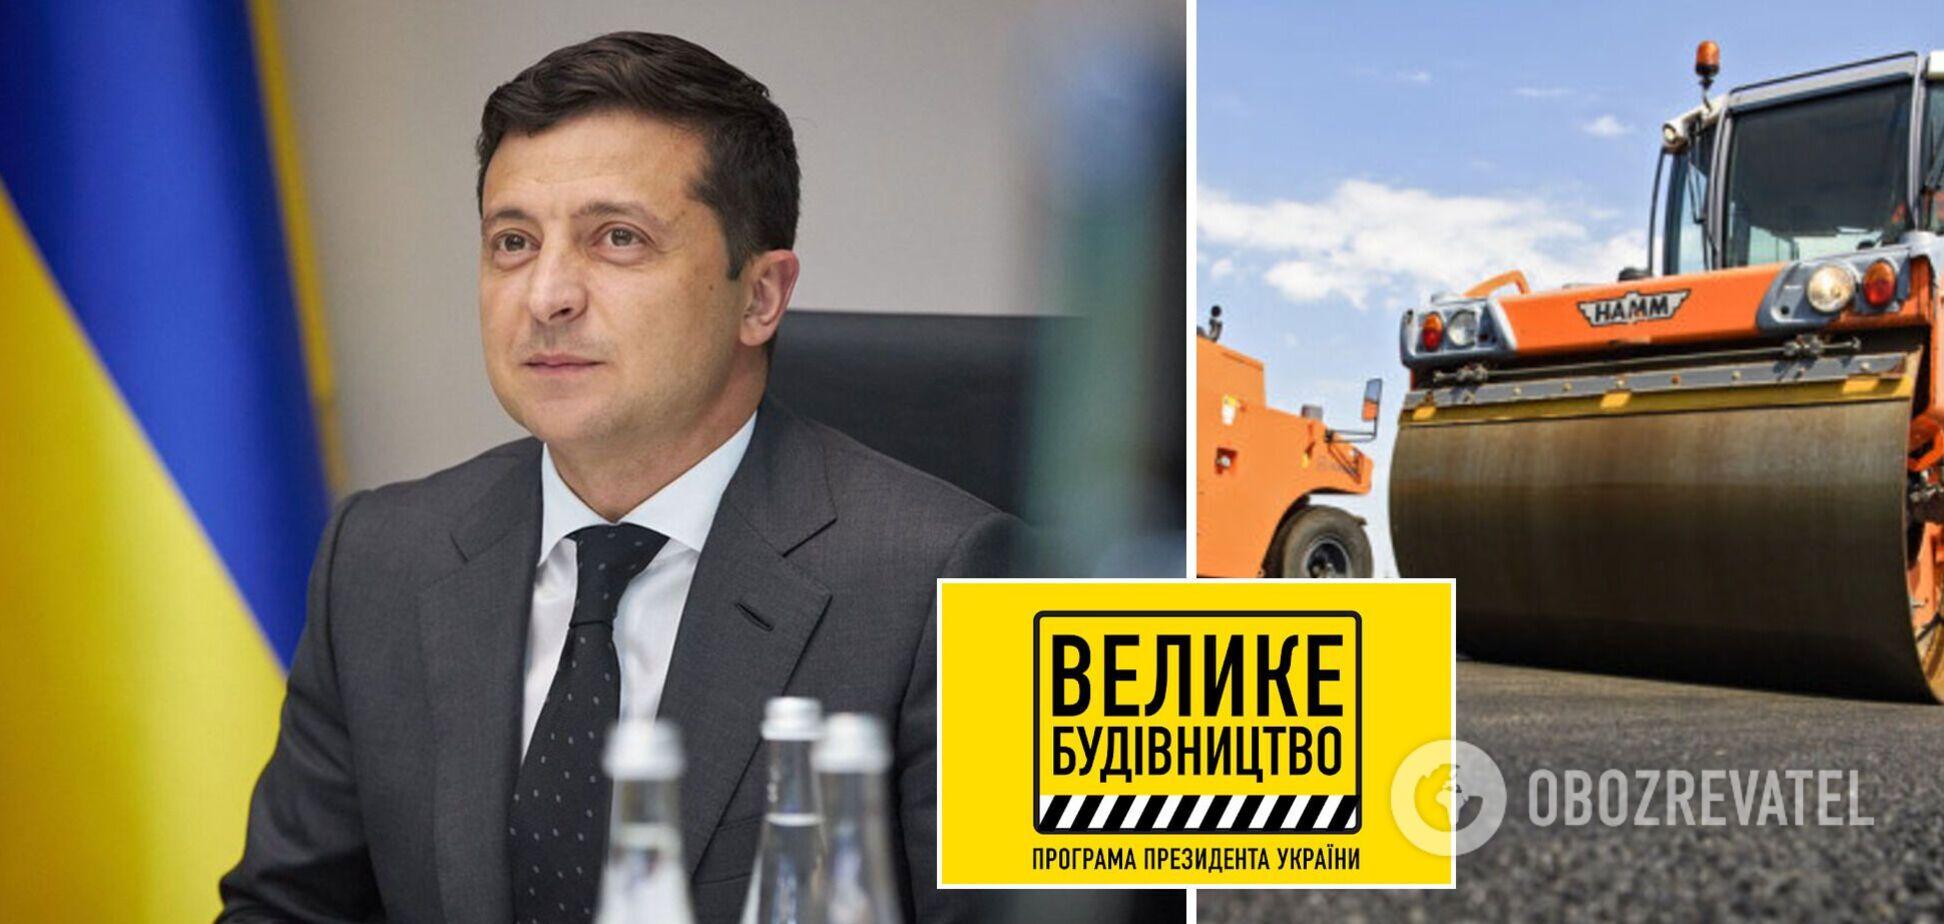 Українці визначили 'Велике будівництво' найуспішнішою ініціативою Зеленського